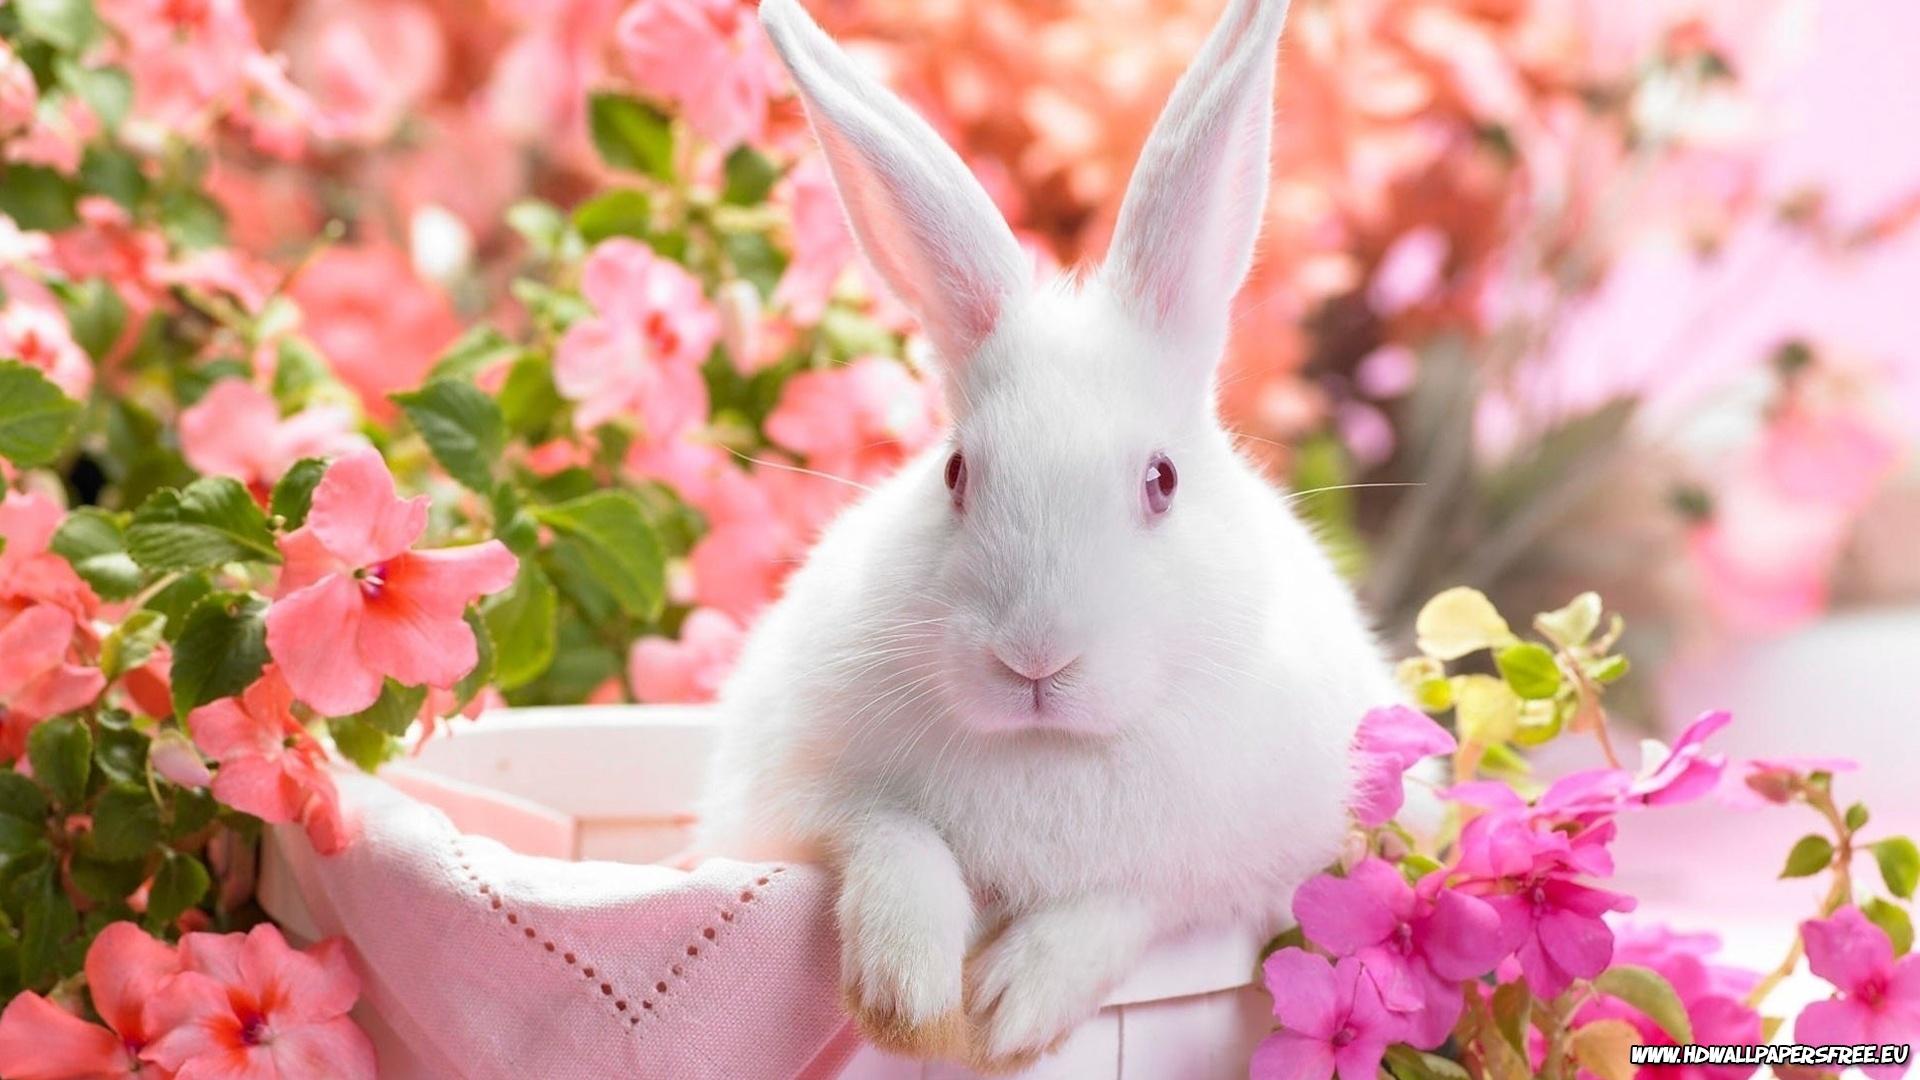 Cute easter bunny wallpaper wallpapersafari - Easter bunny wallpaper ...